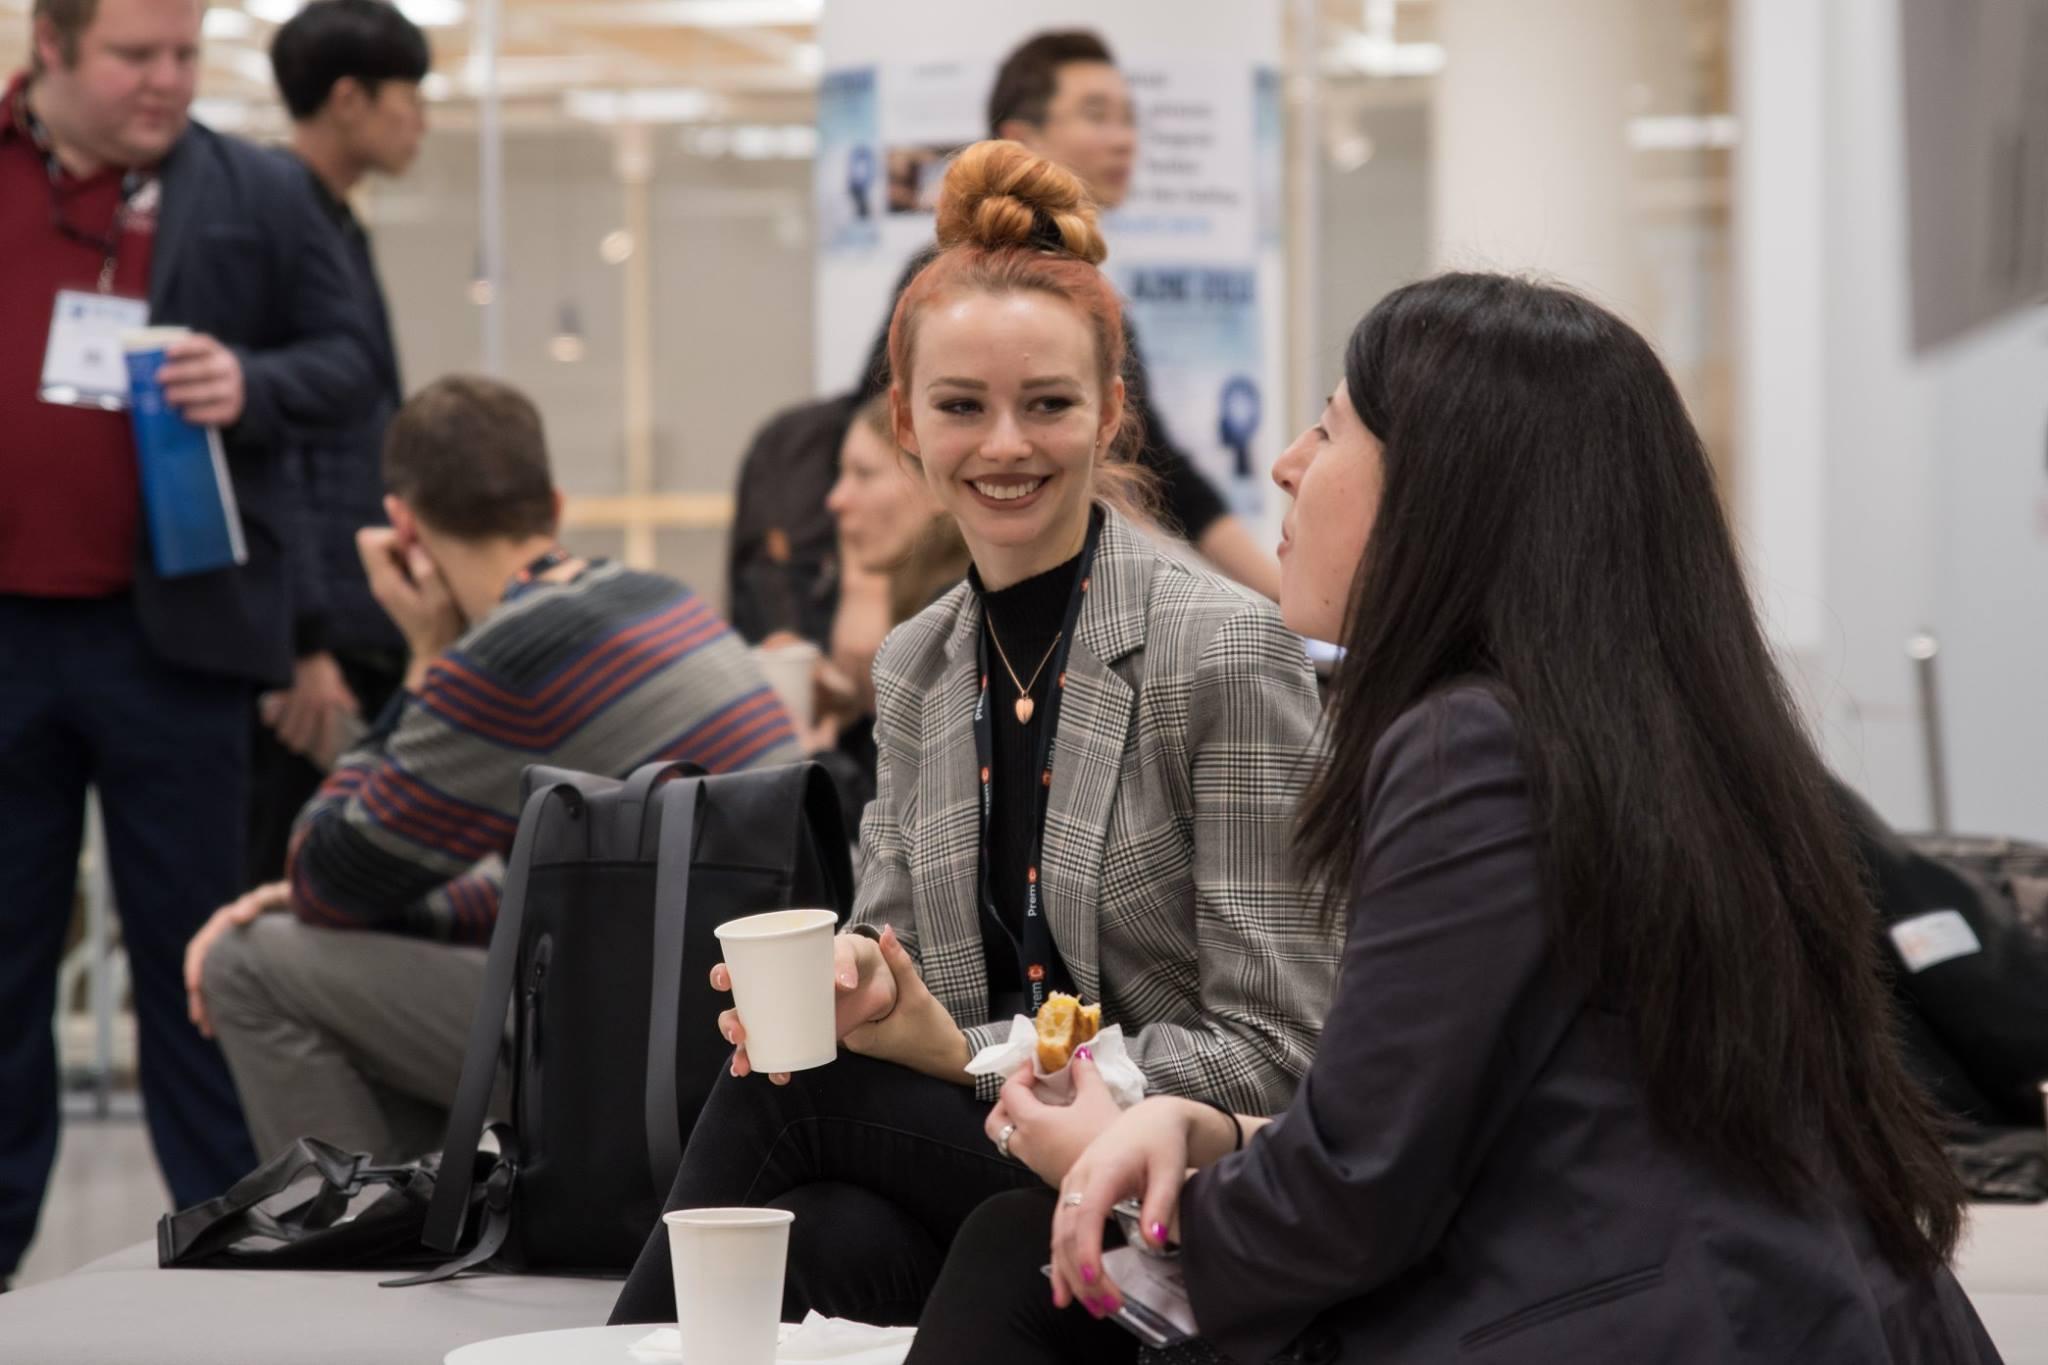 Networking des participants pendant une pause café